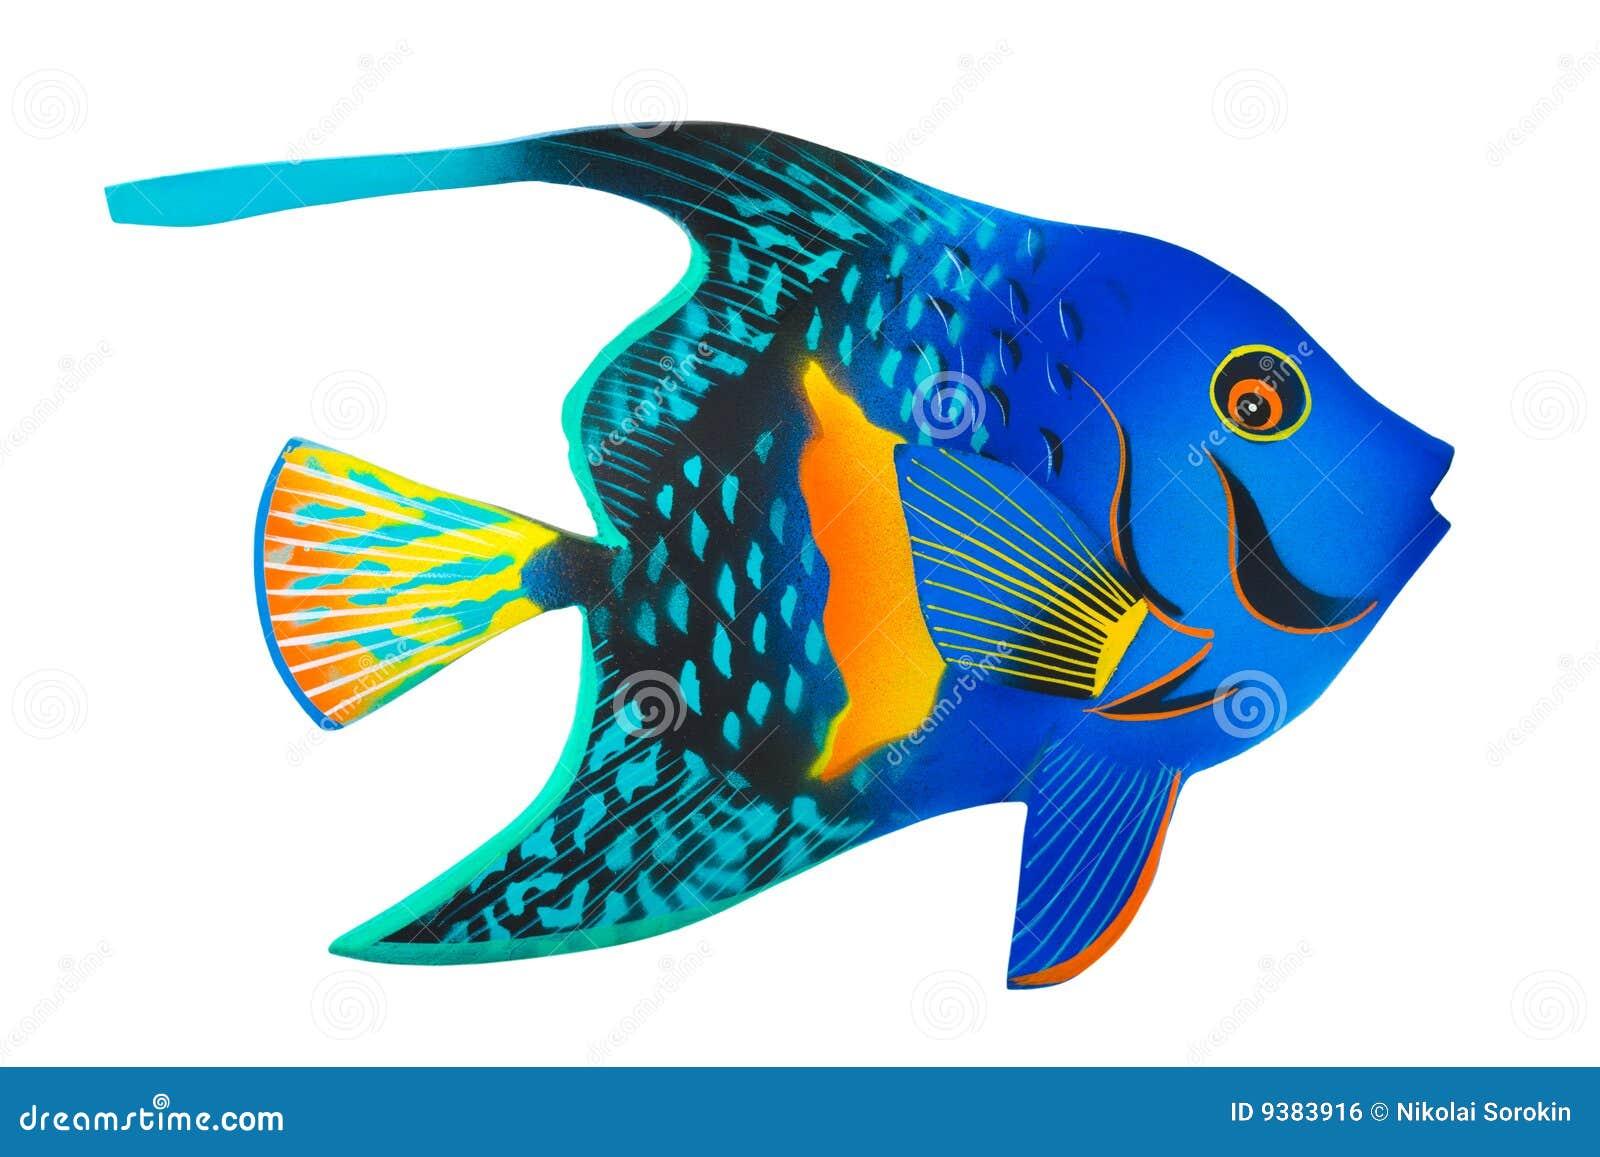 pesci esotici del giocattolo immagine stock libera da